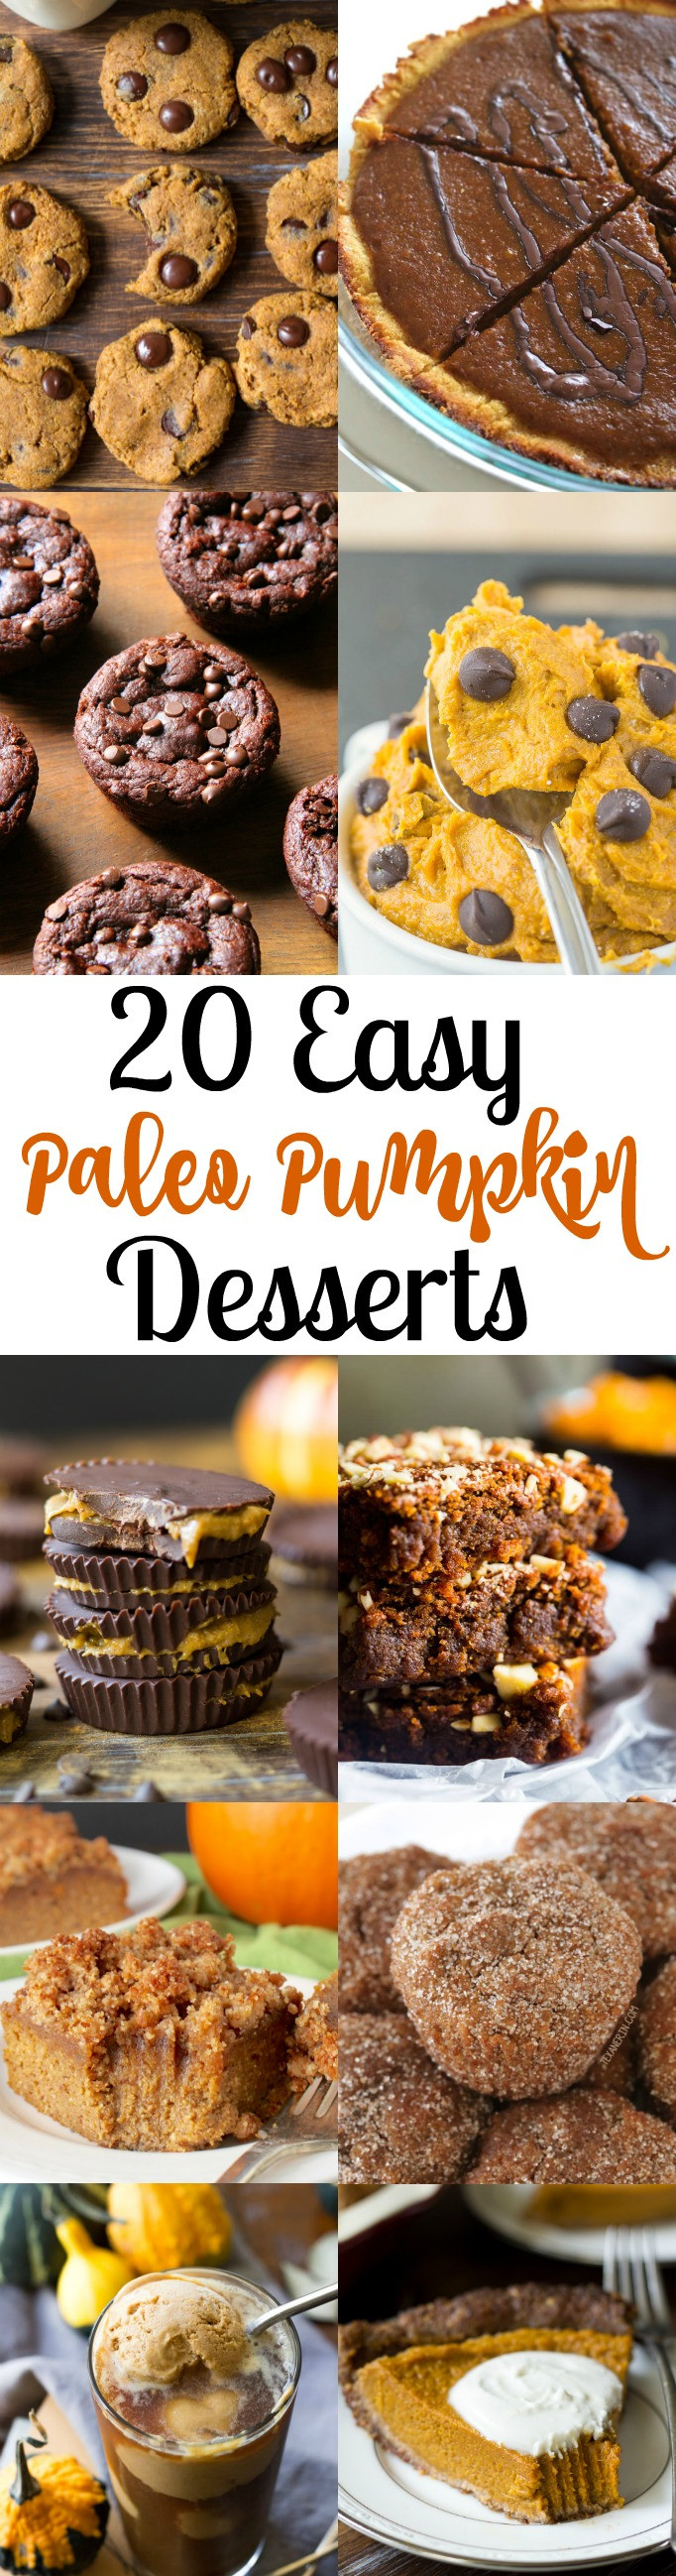 Gluten Free Dairy Free Pumpkin Desserts  20 Easy Paleo Pumpkin Desserts